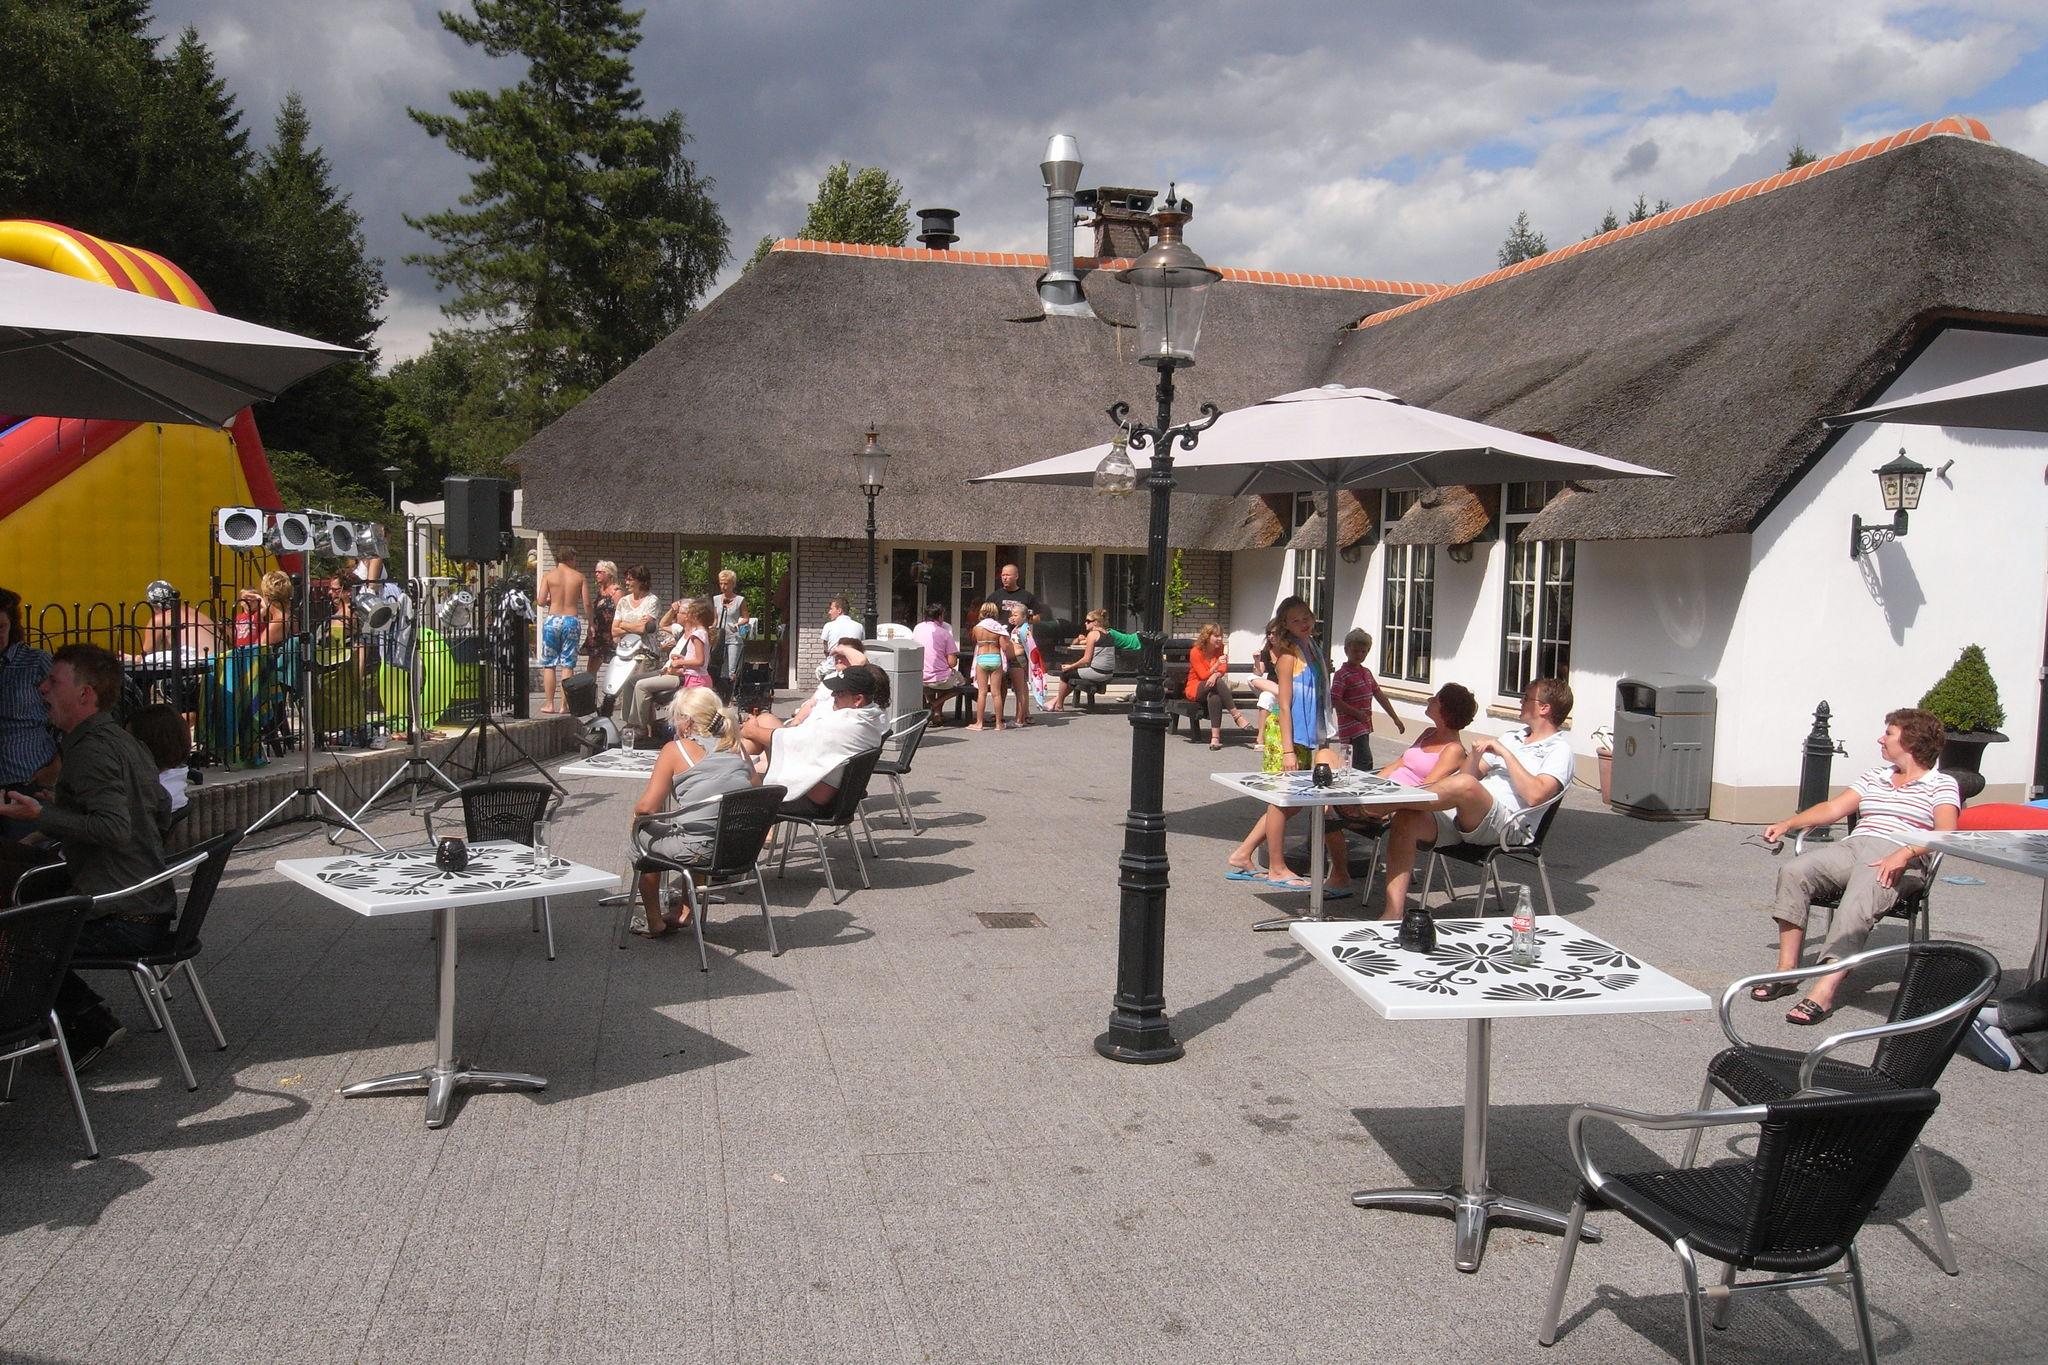 Vakantiepark de Thijmse Berg